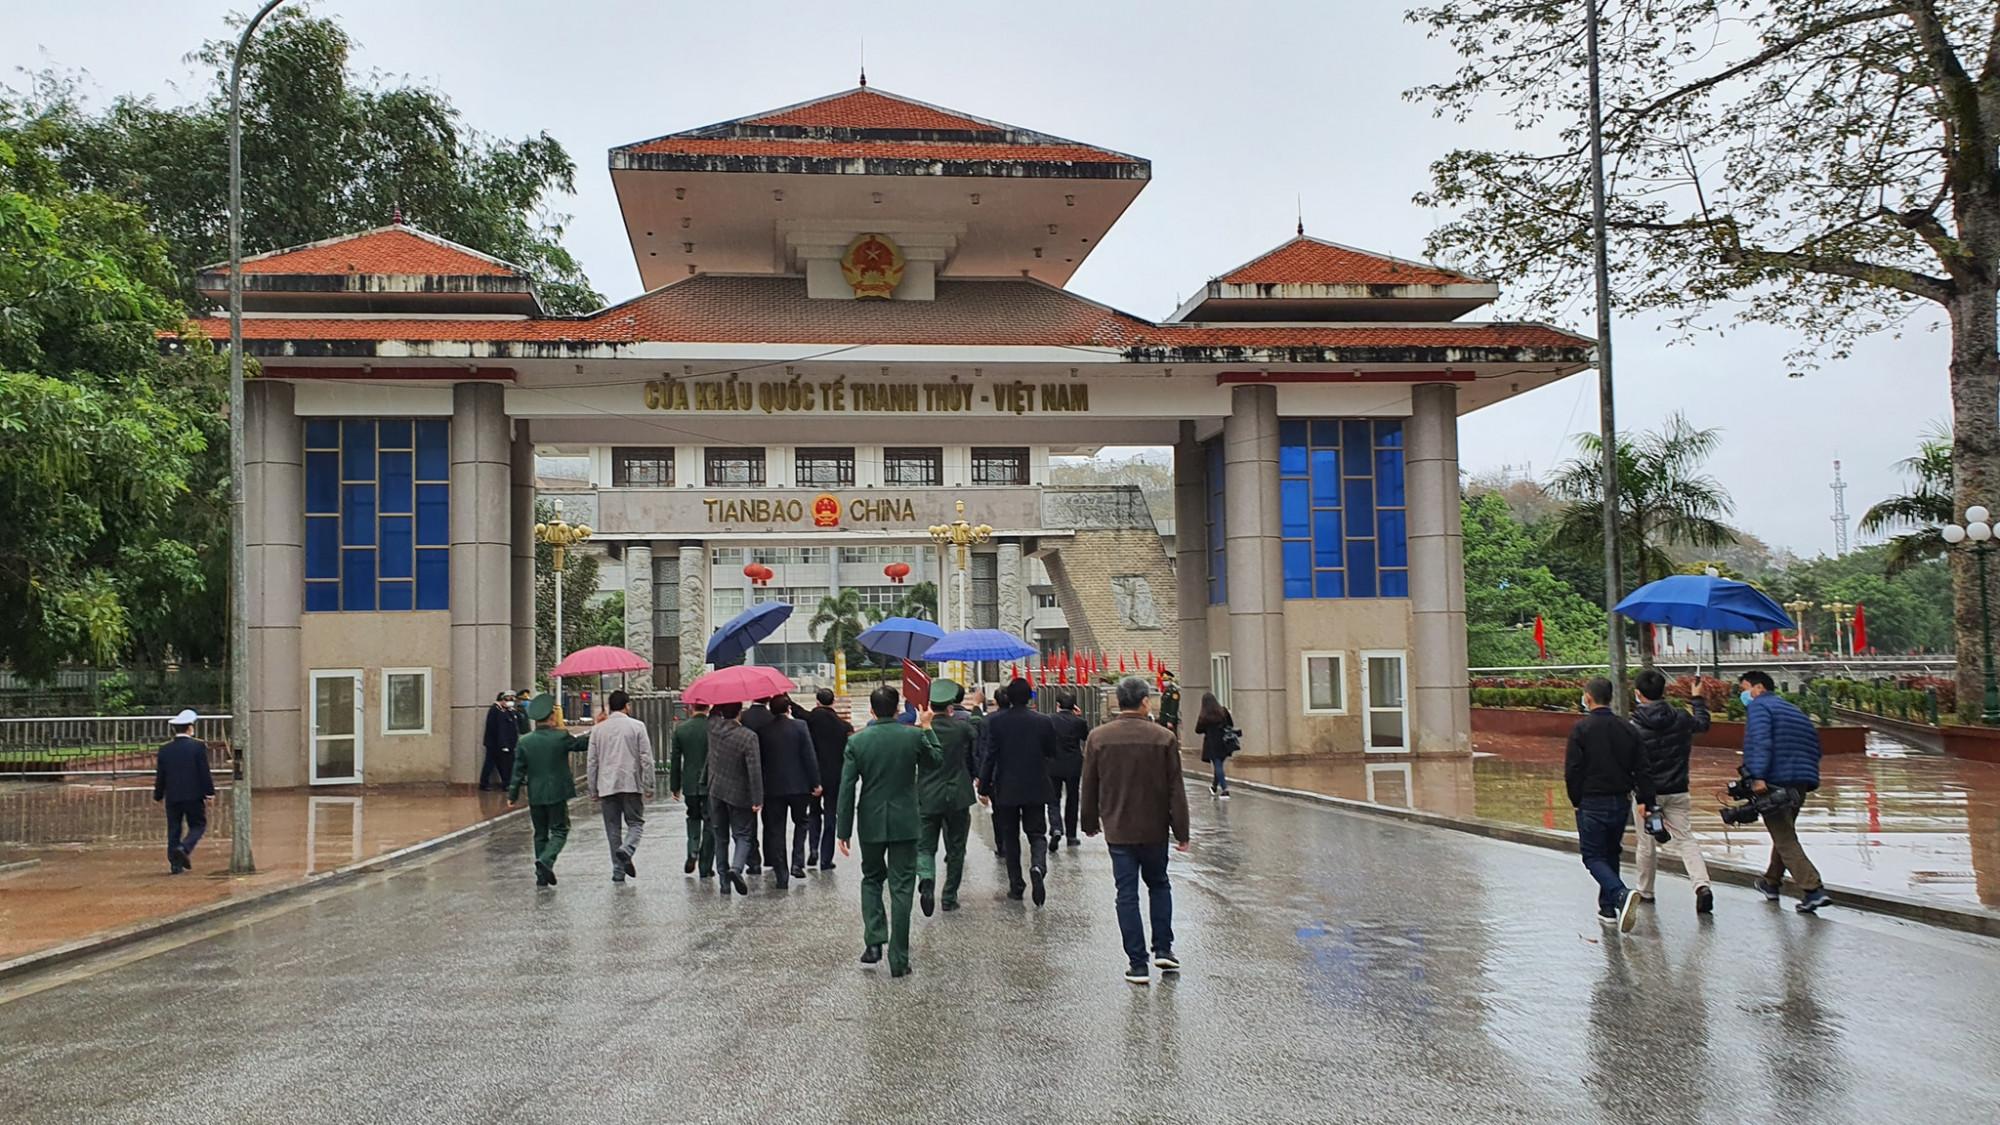 đoàn công tác của Bộ Y tế do Thứ trưởng Bộ Y tế Đỗ Xuân Tuyên làm trưởng đoàn đã đi kiểm tra công tác phòng chống dịch bệnh viêm đường hô hấp cấp do chủng mới của virus corona gây ra tại tỉnh Hà Giang